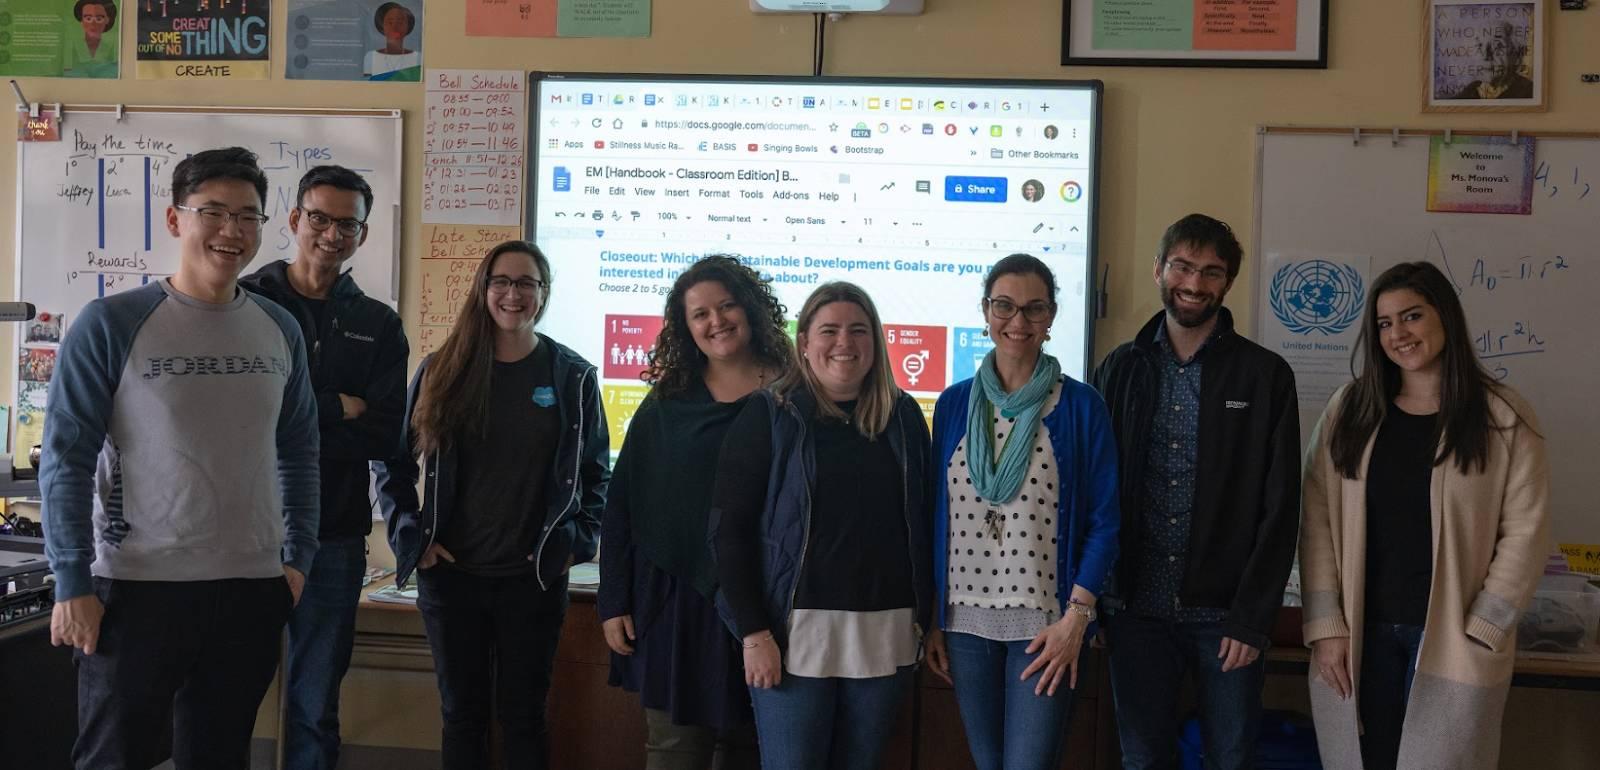 Alguns voluntários da Rockstar com a Sra. Monova da escola Francisco Middle School (SFUSD)